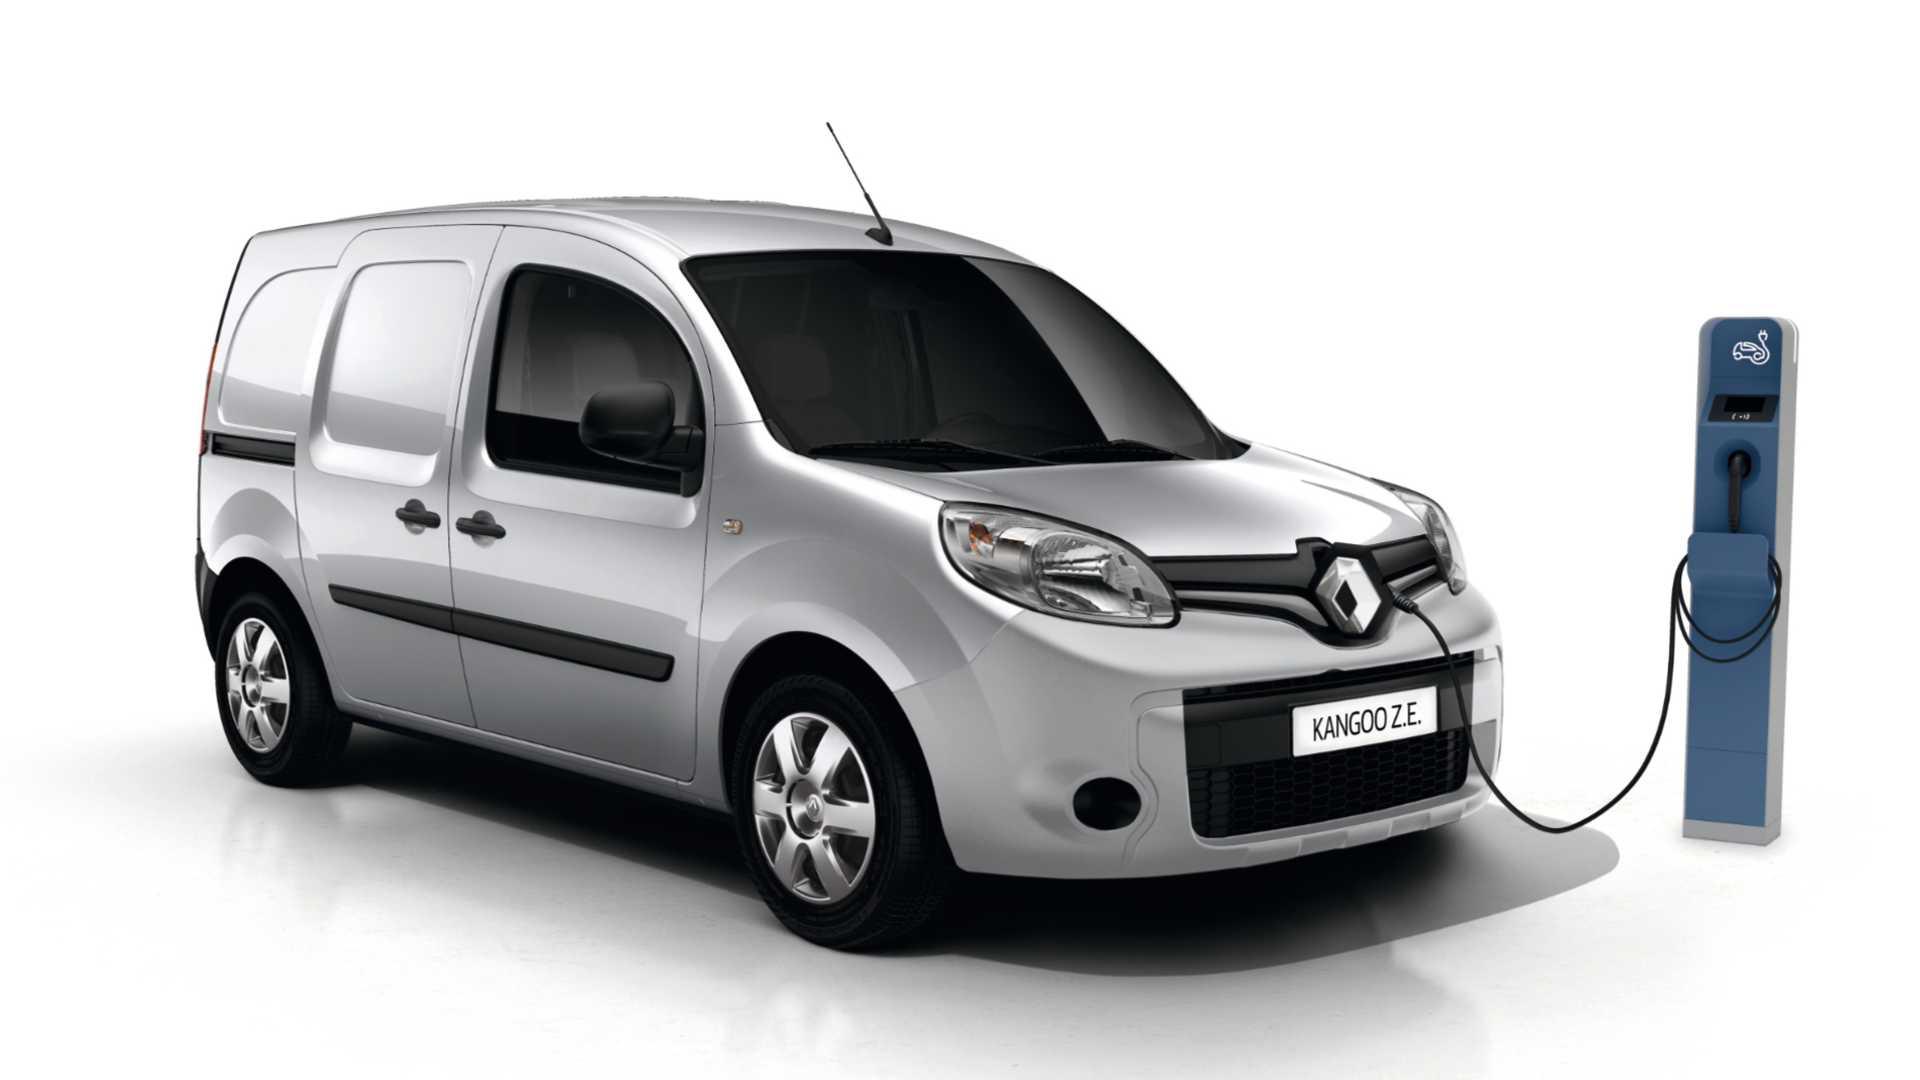 Renault запускает дочернюю европейскую дочернюю инфраструктуру зарядки